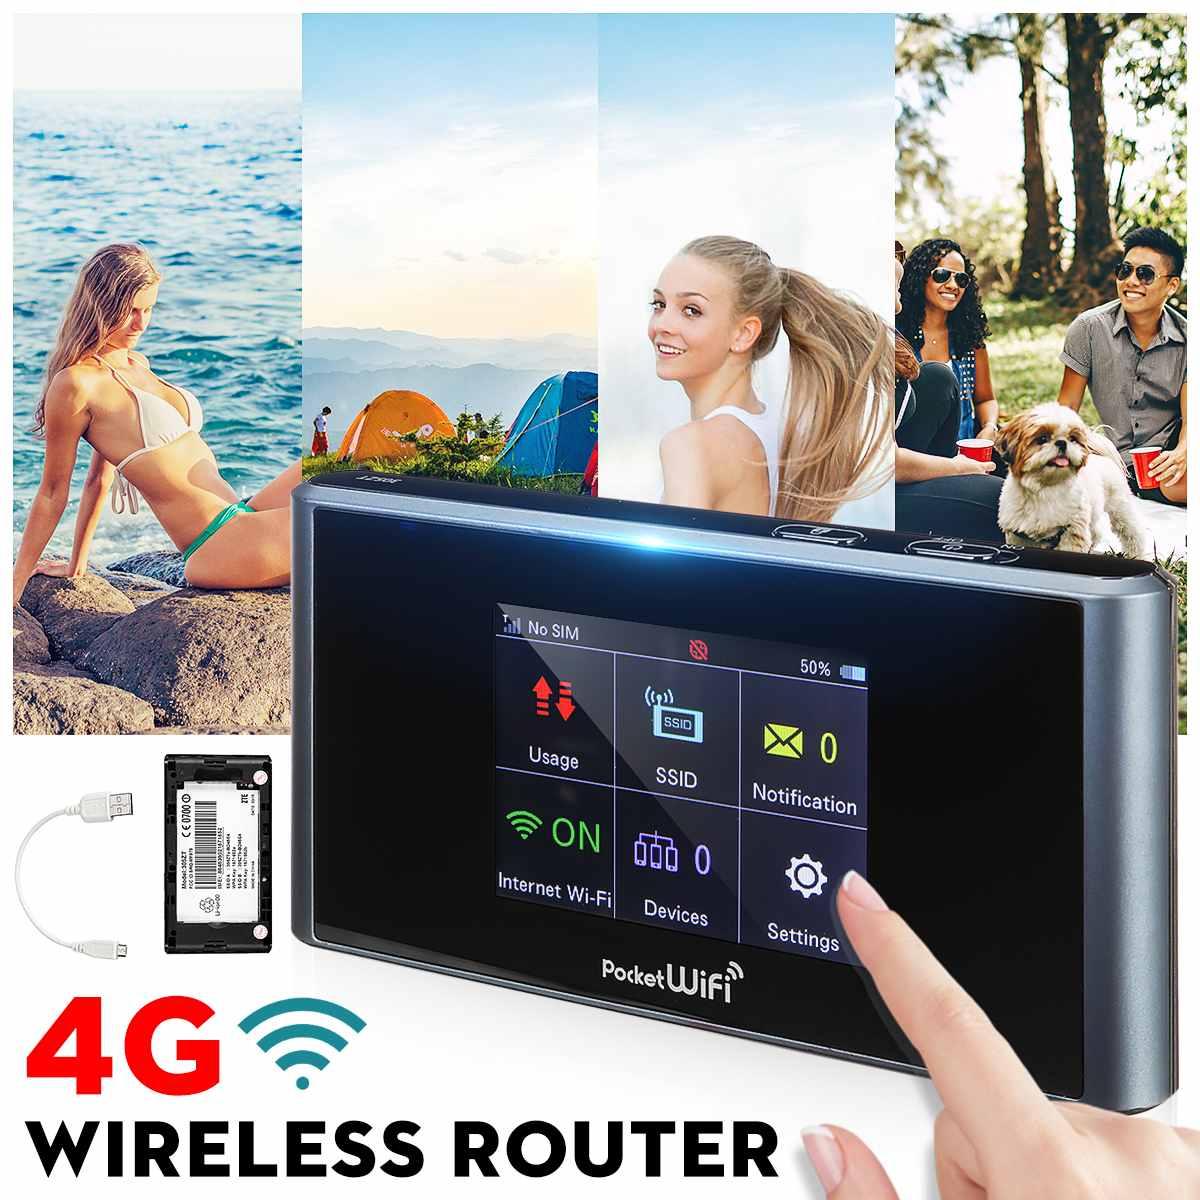 Routeur sans fil Portable Lte 4g Wifi routeur sans fil Hotspot prise en charge de la carte SIM Modem 150 Mbps pour téléphone Portable de bureau à domicile